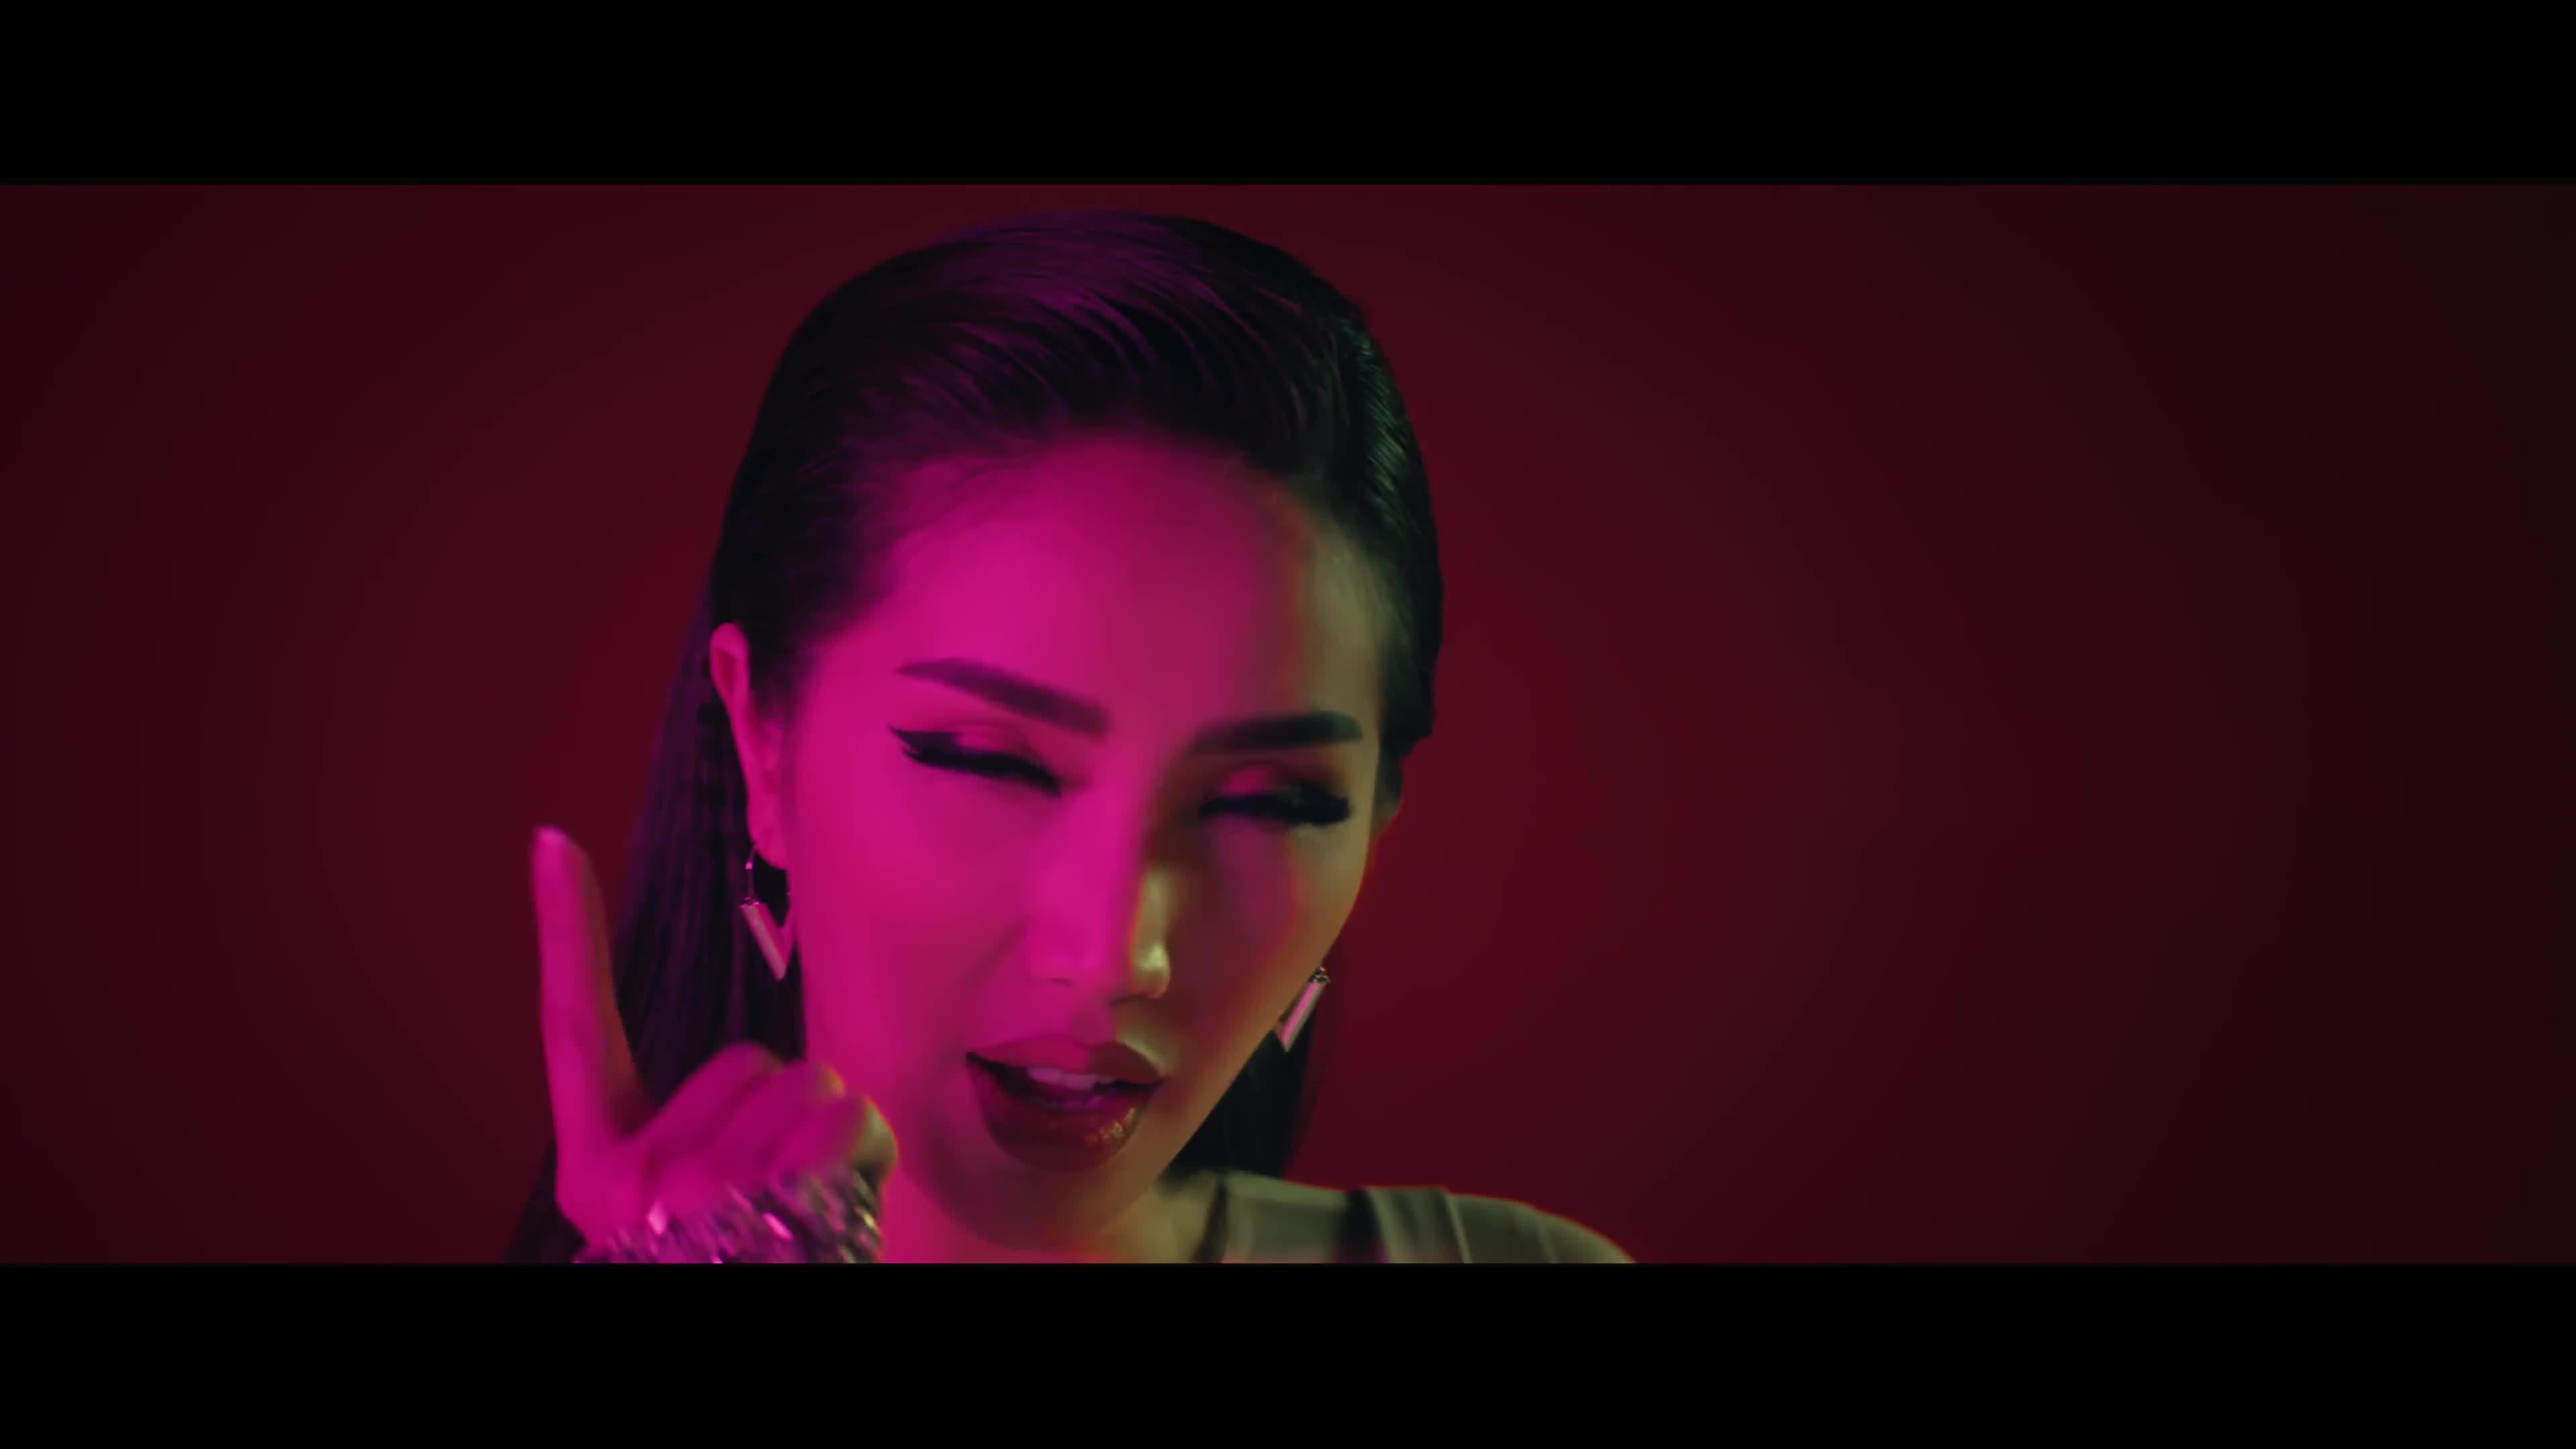 Cuối cùng Bảo Thy cũng chịu sexy, chiều lòng fan với loạt trang phục ấn tượng trong MV mới ảnh 7